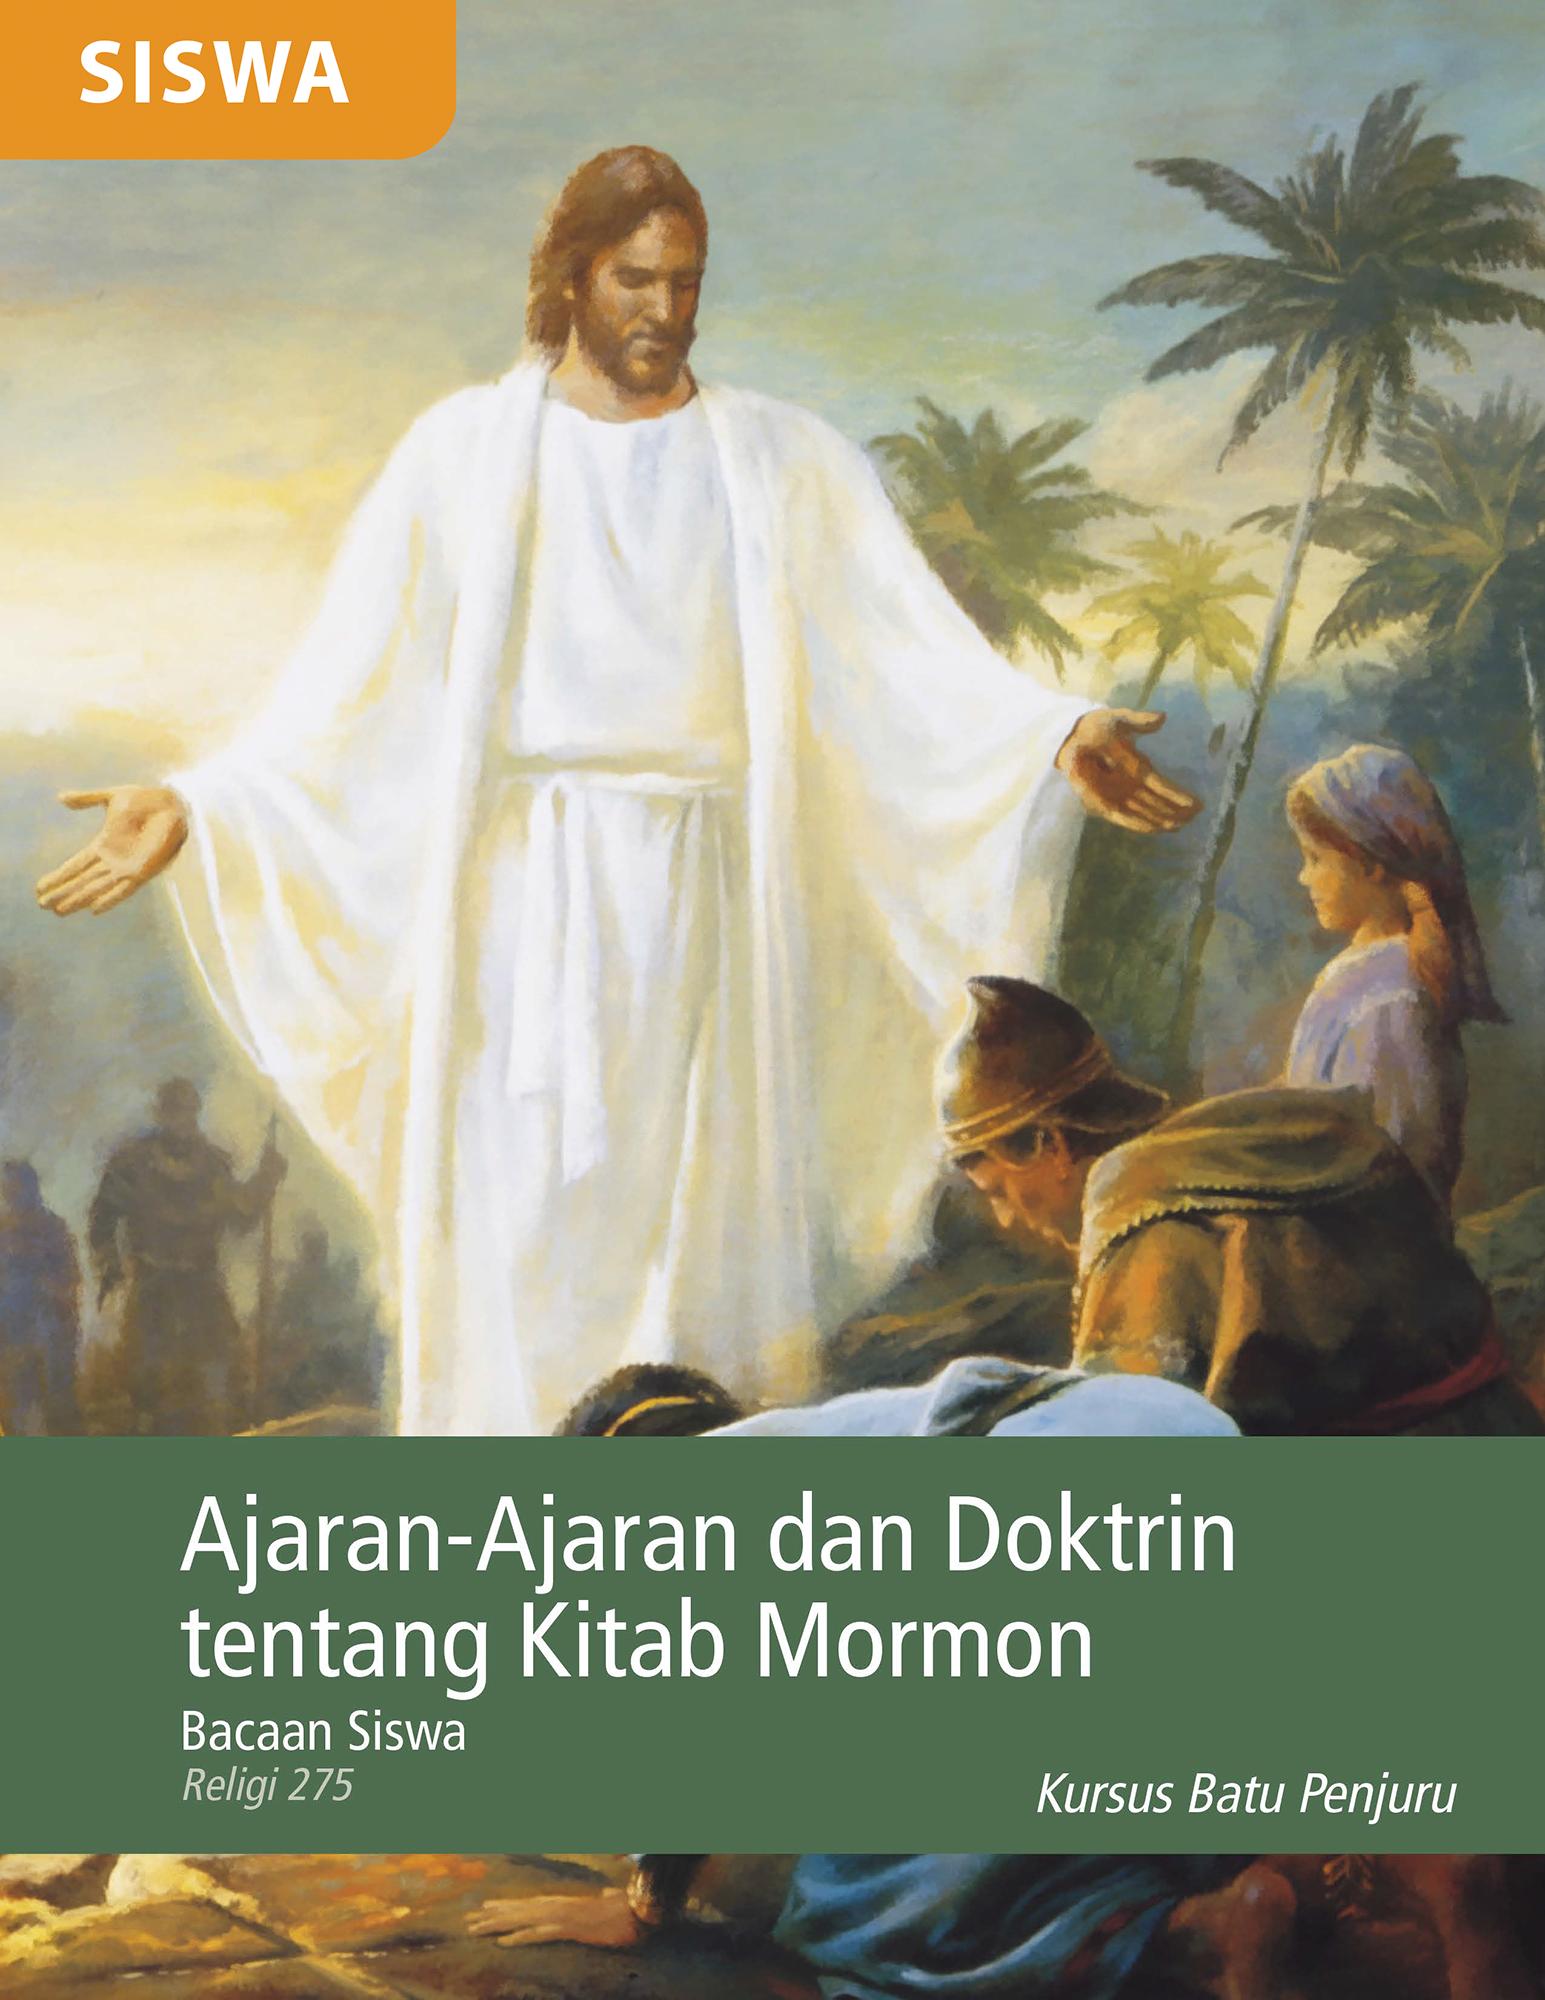 Bacaan Siswa Ajaran-Ajaran dan Doktrin tentang Kitab Mormon (Religi 275)